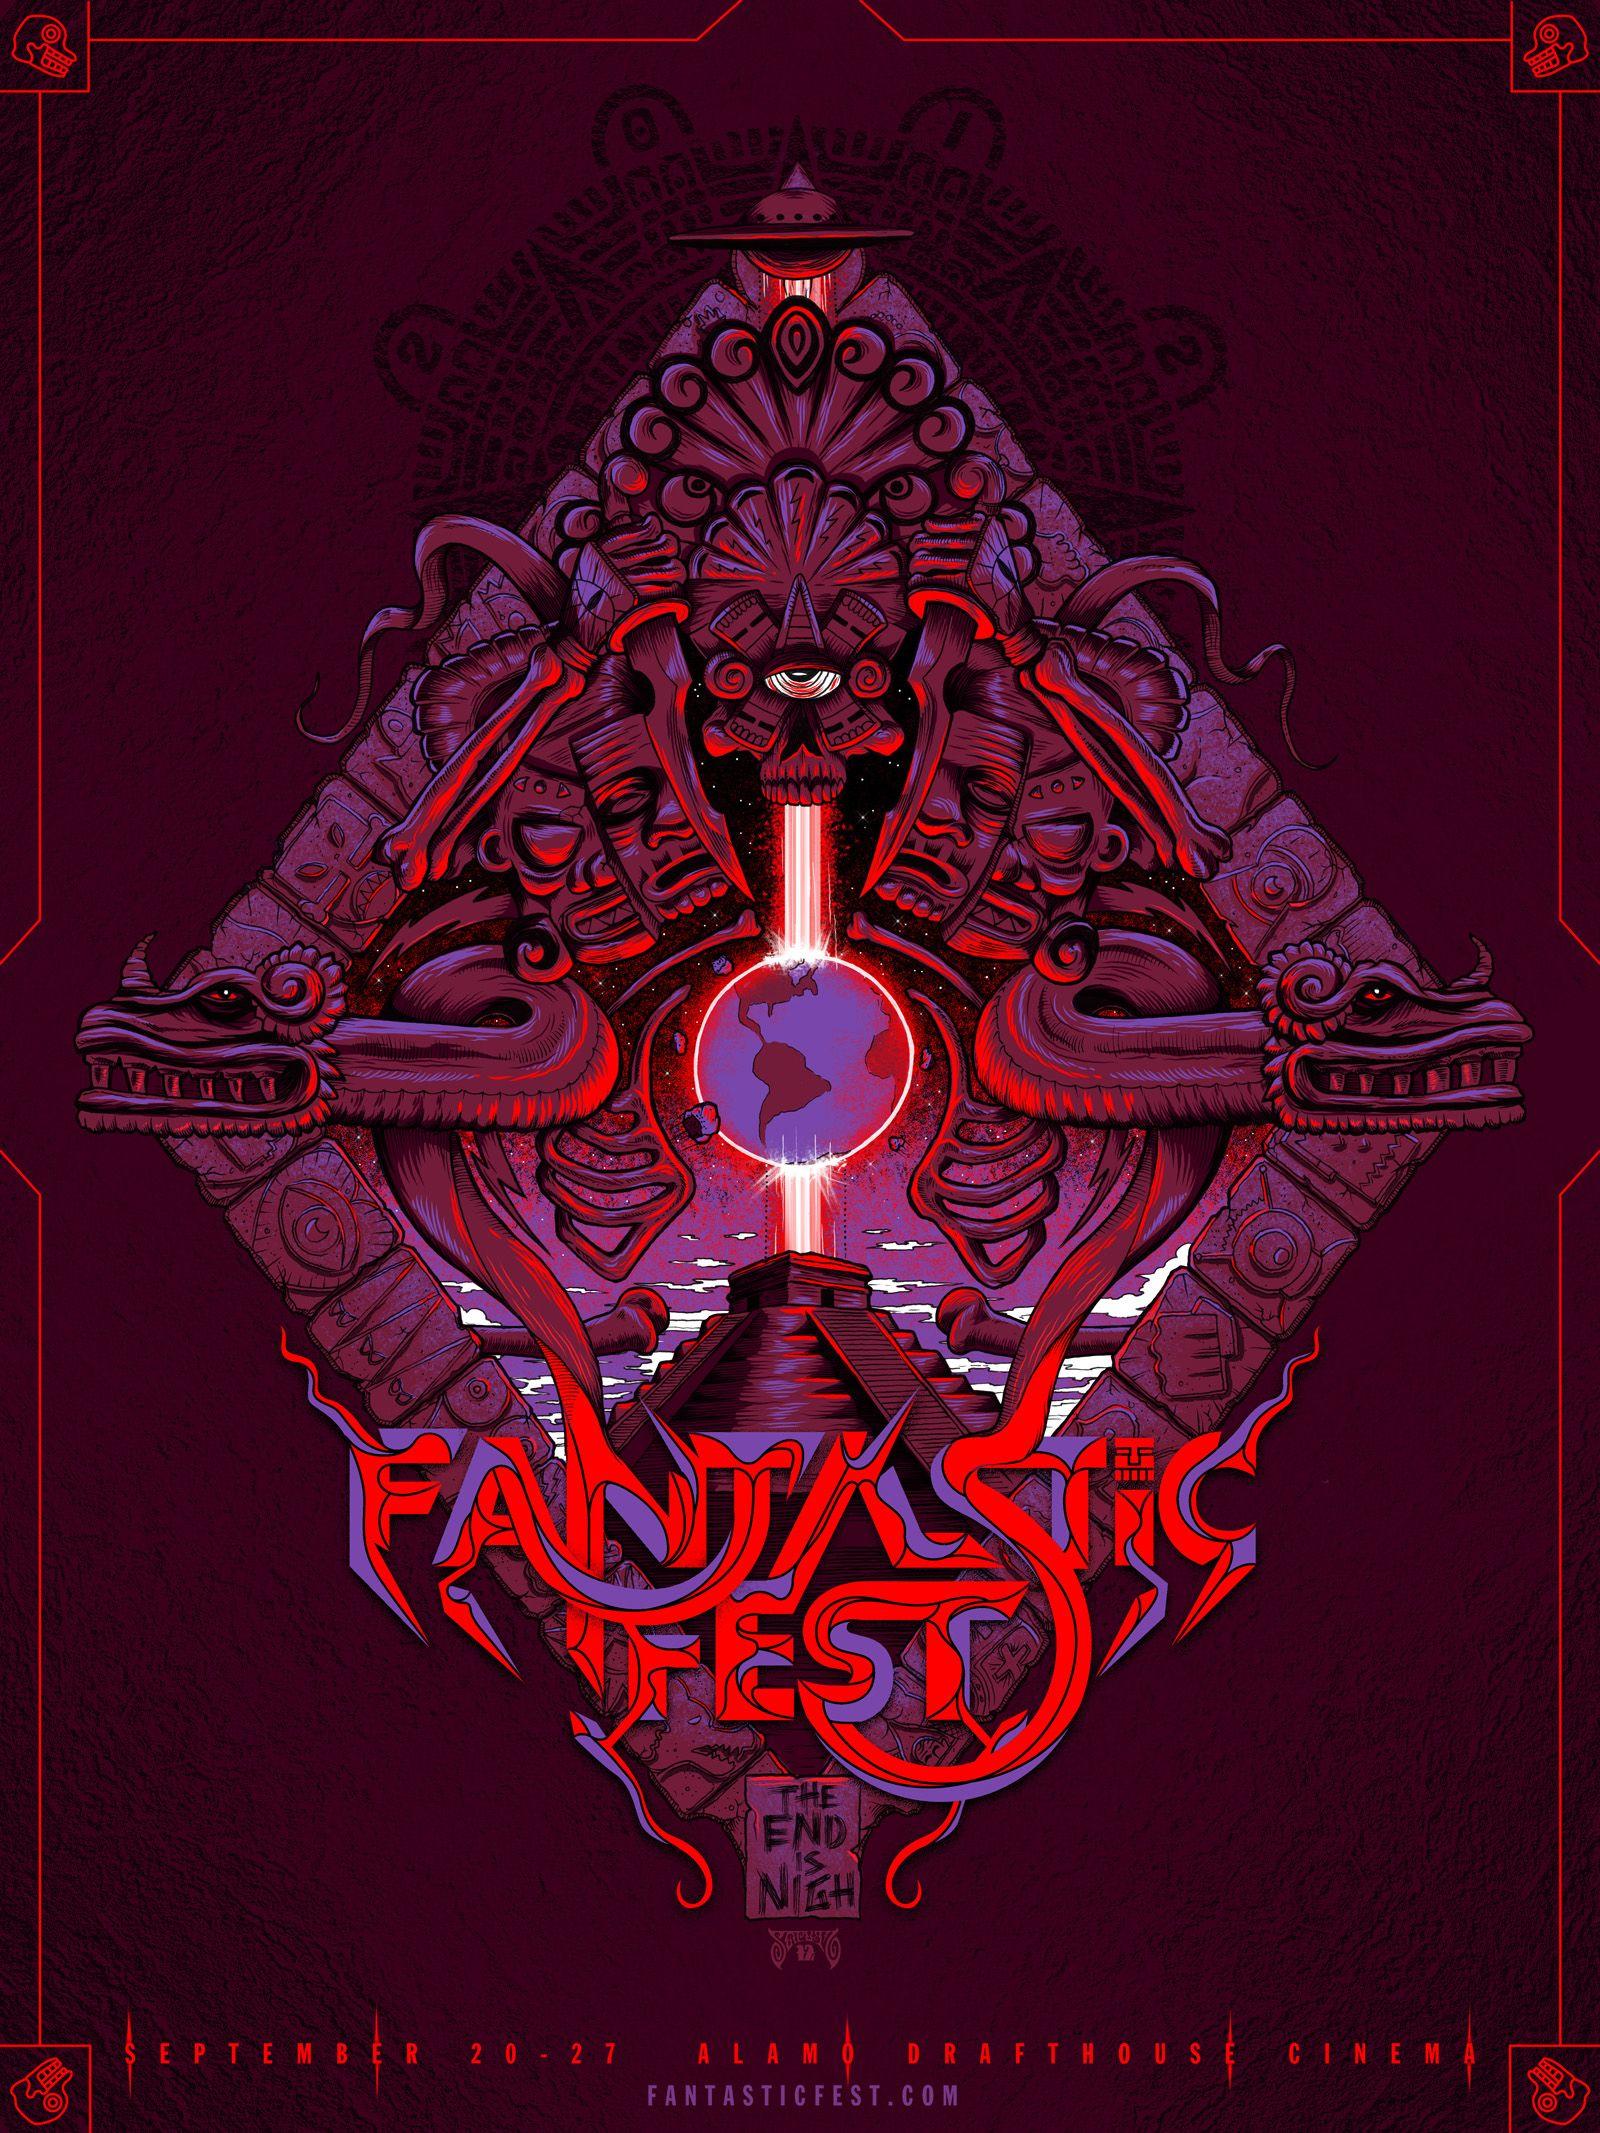 Poster Release 2012 Fantastic-fest-2012-poster